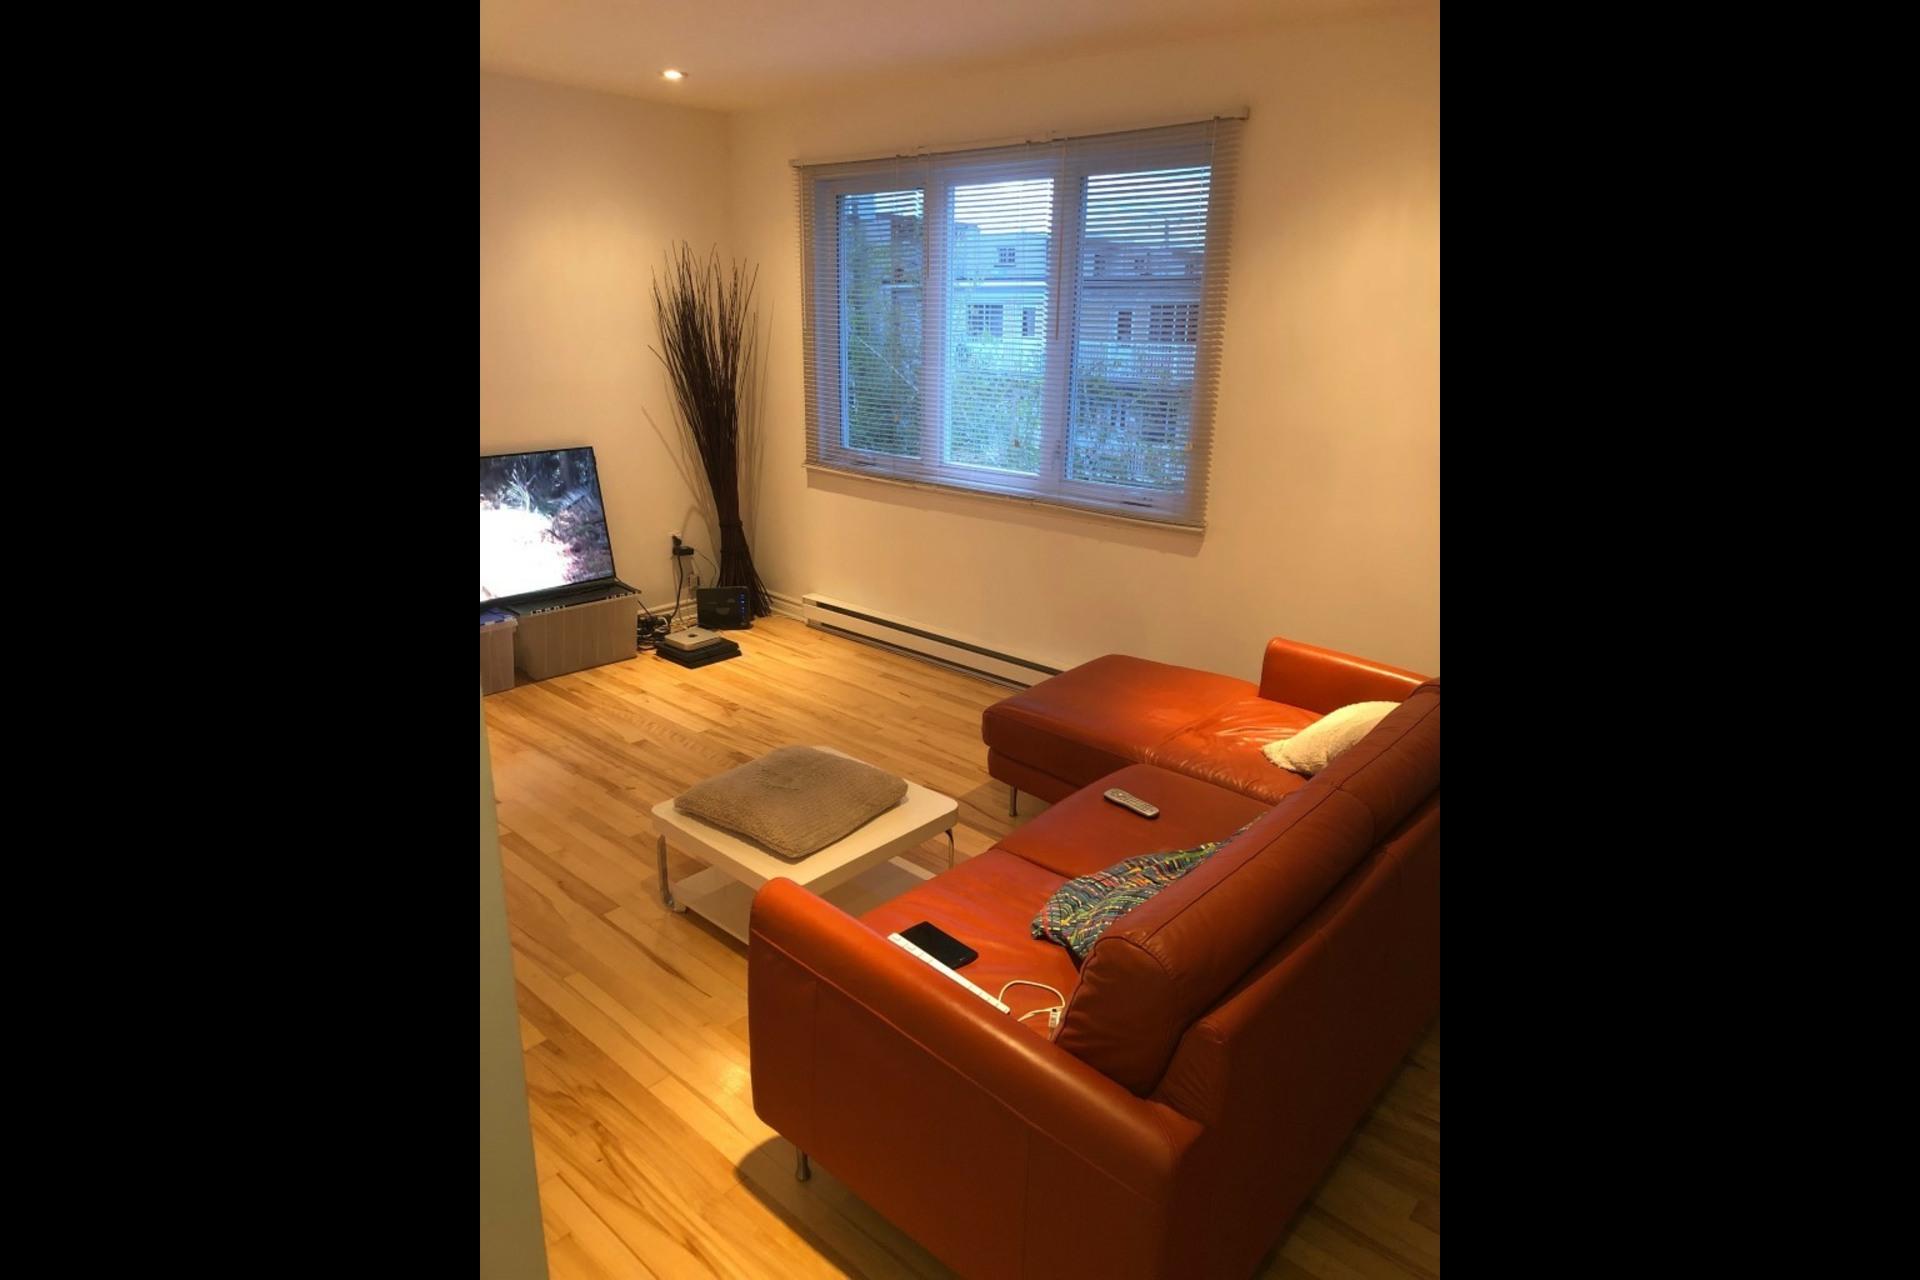 image 10 - Appartement À louer Montréal Montréal-Nord - 4 pièces